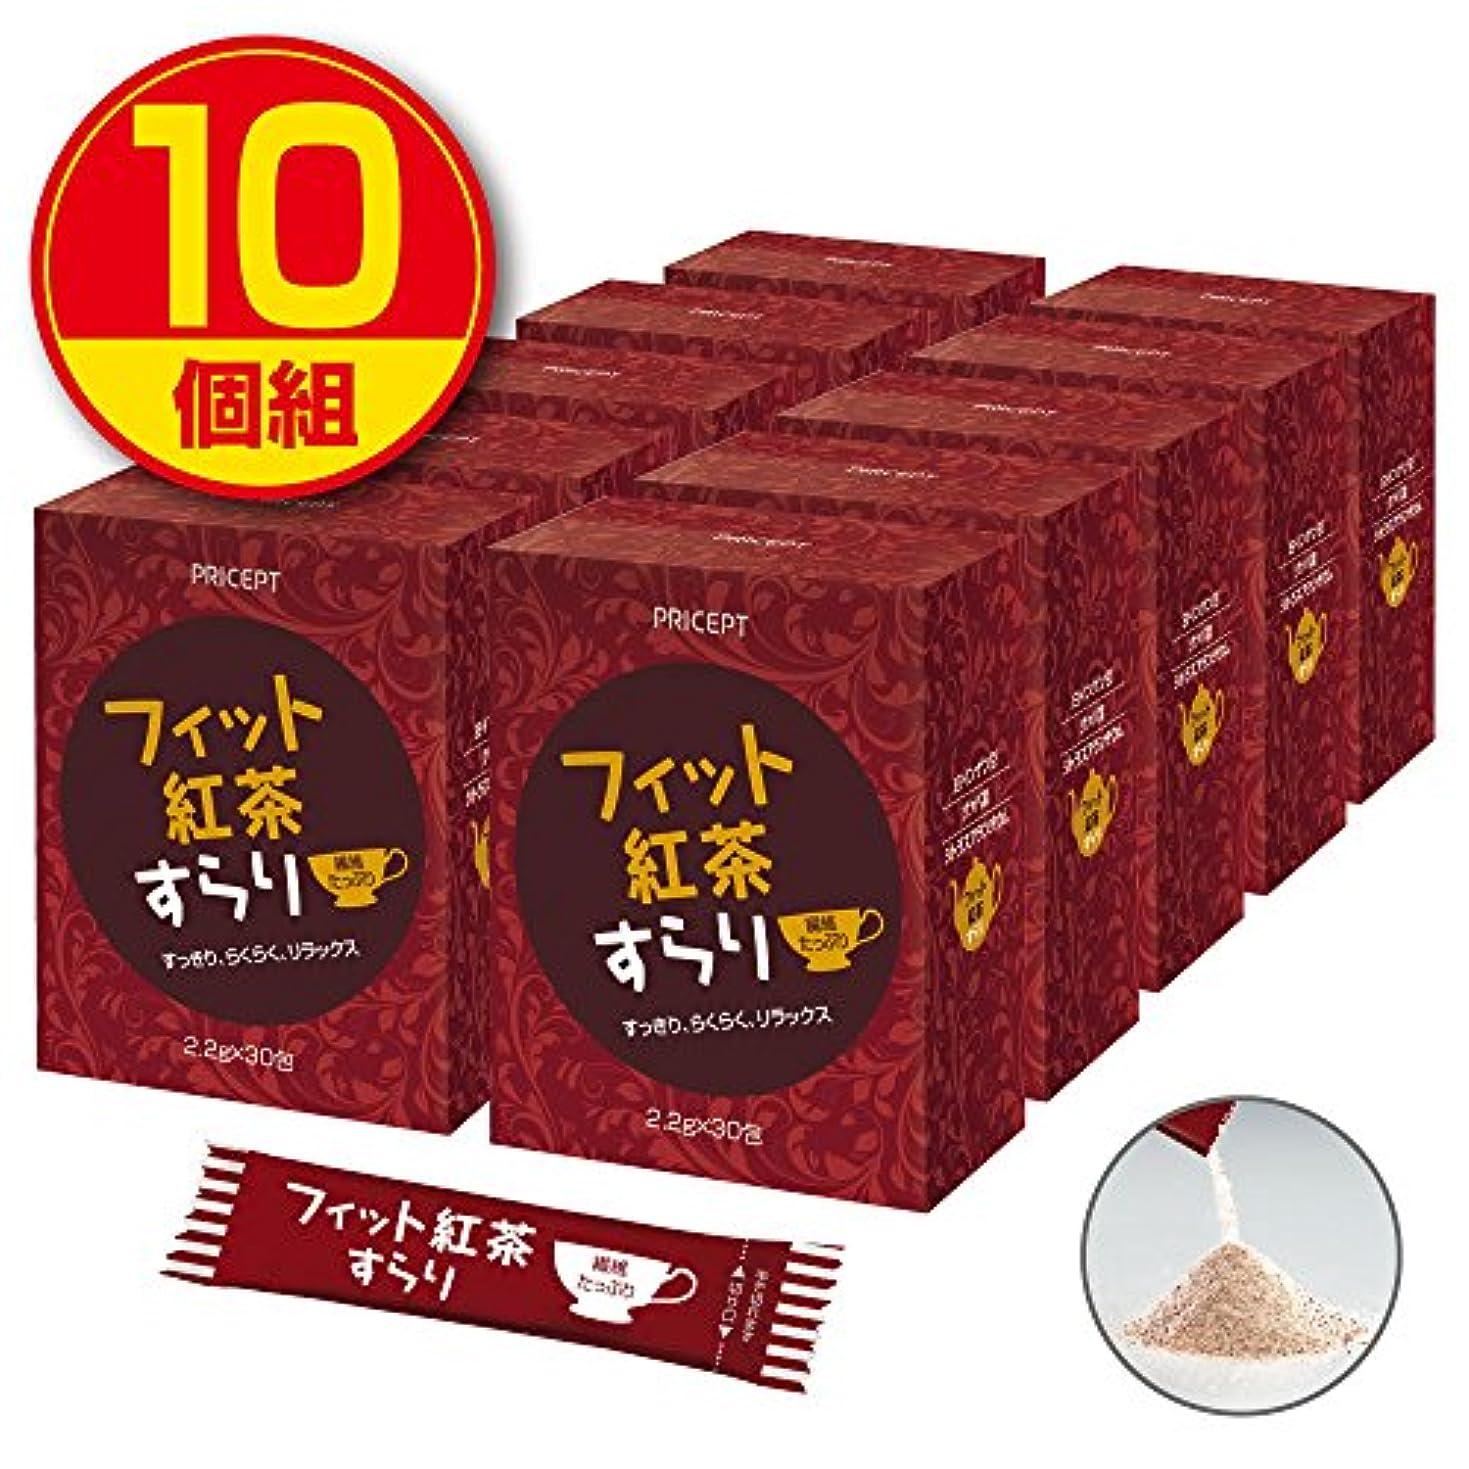 大気修士号呪いプリセプト フィット紅茶すらり(30包)【10個組?300包】(食物繊維配合ダイエットサポート紅茶)